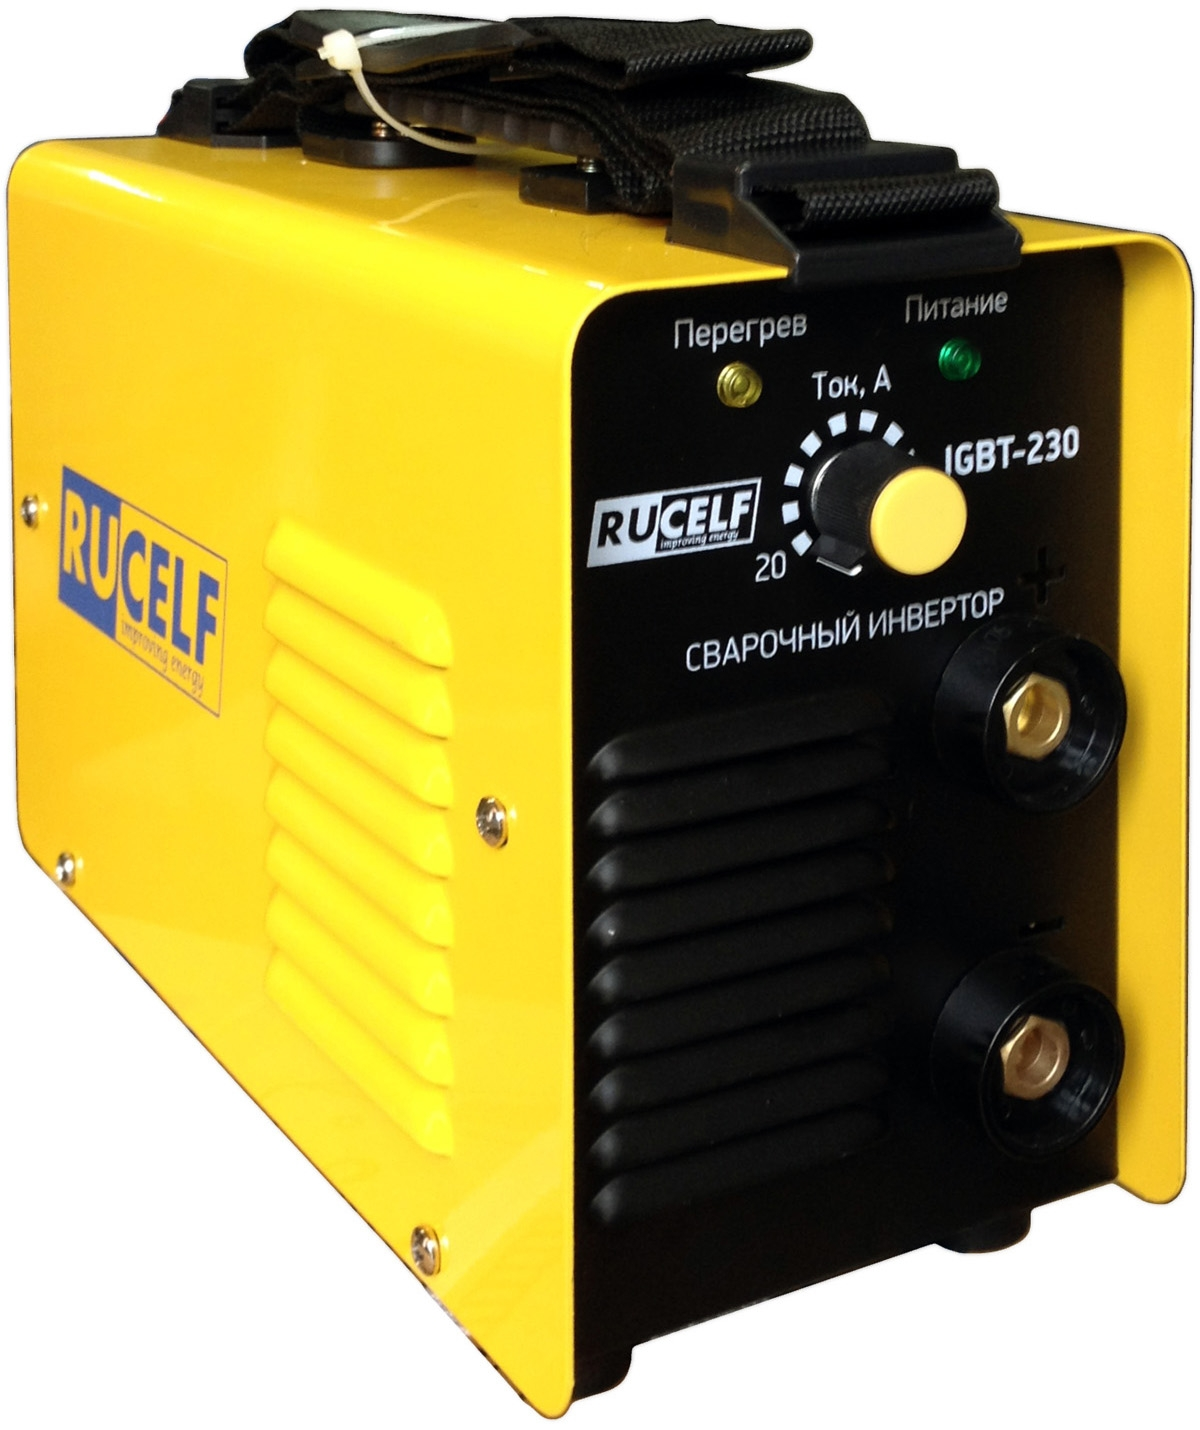 цены  Сварочный инвертор RUCELF IGBT-230